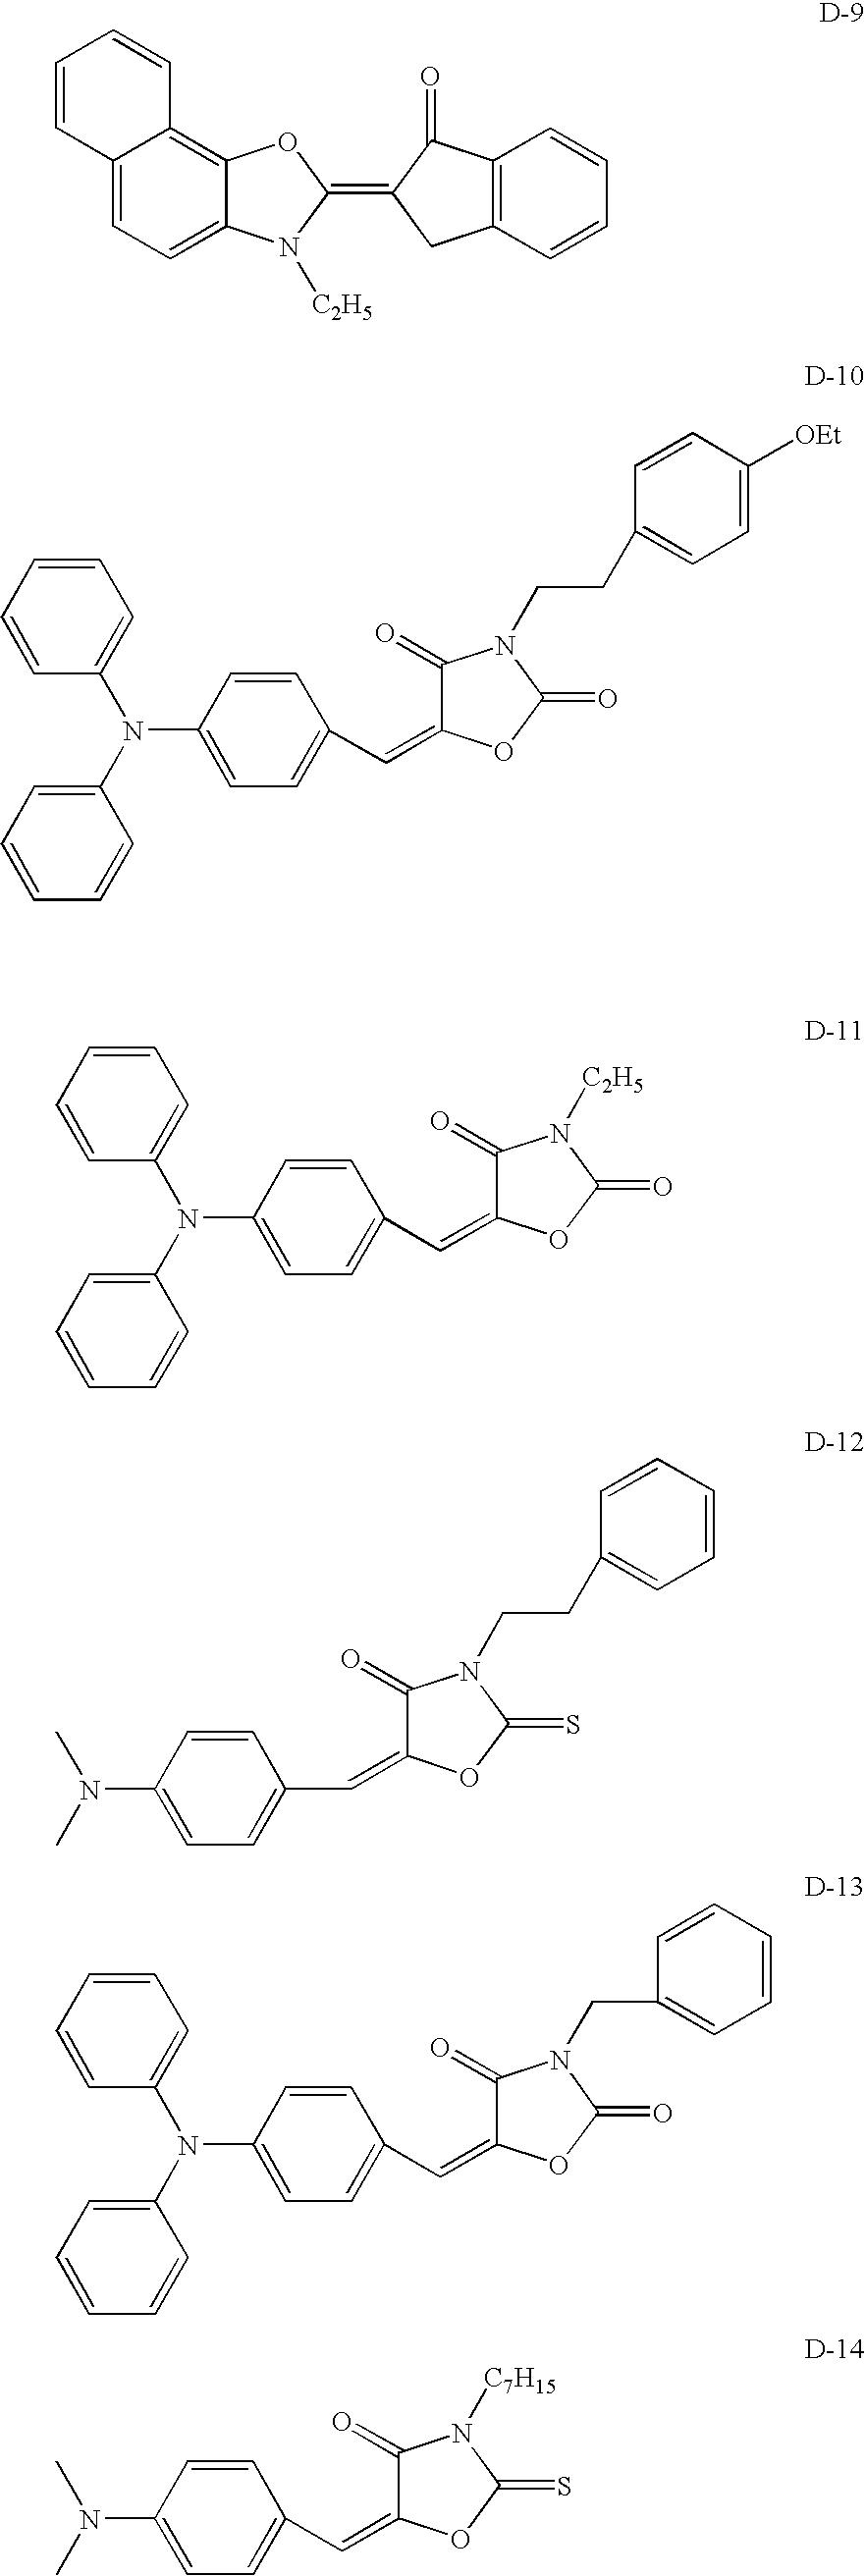 Figure US07910286-20110322-C00007